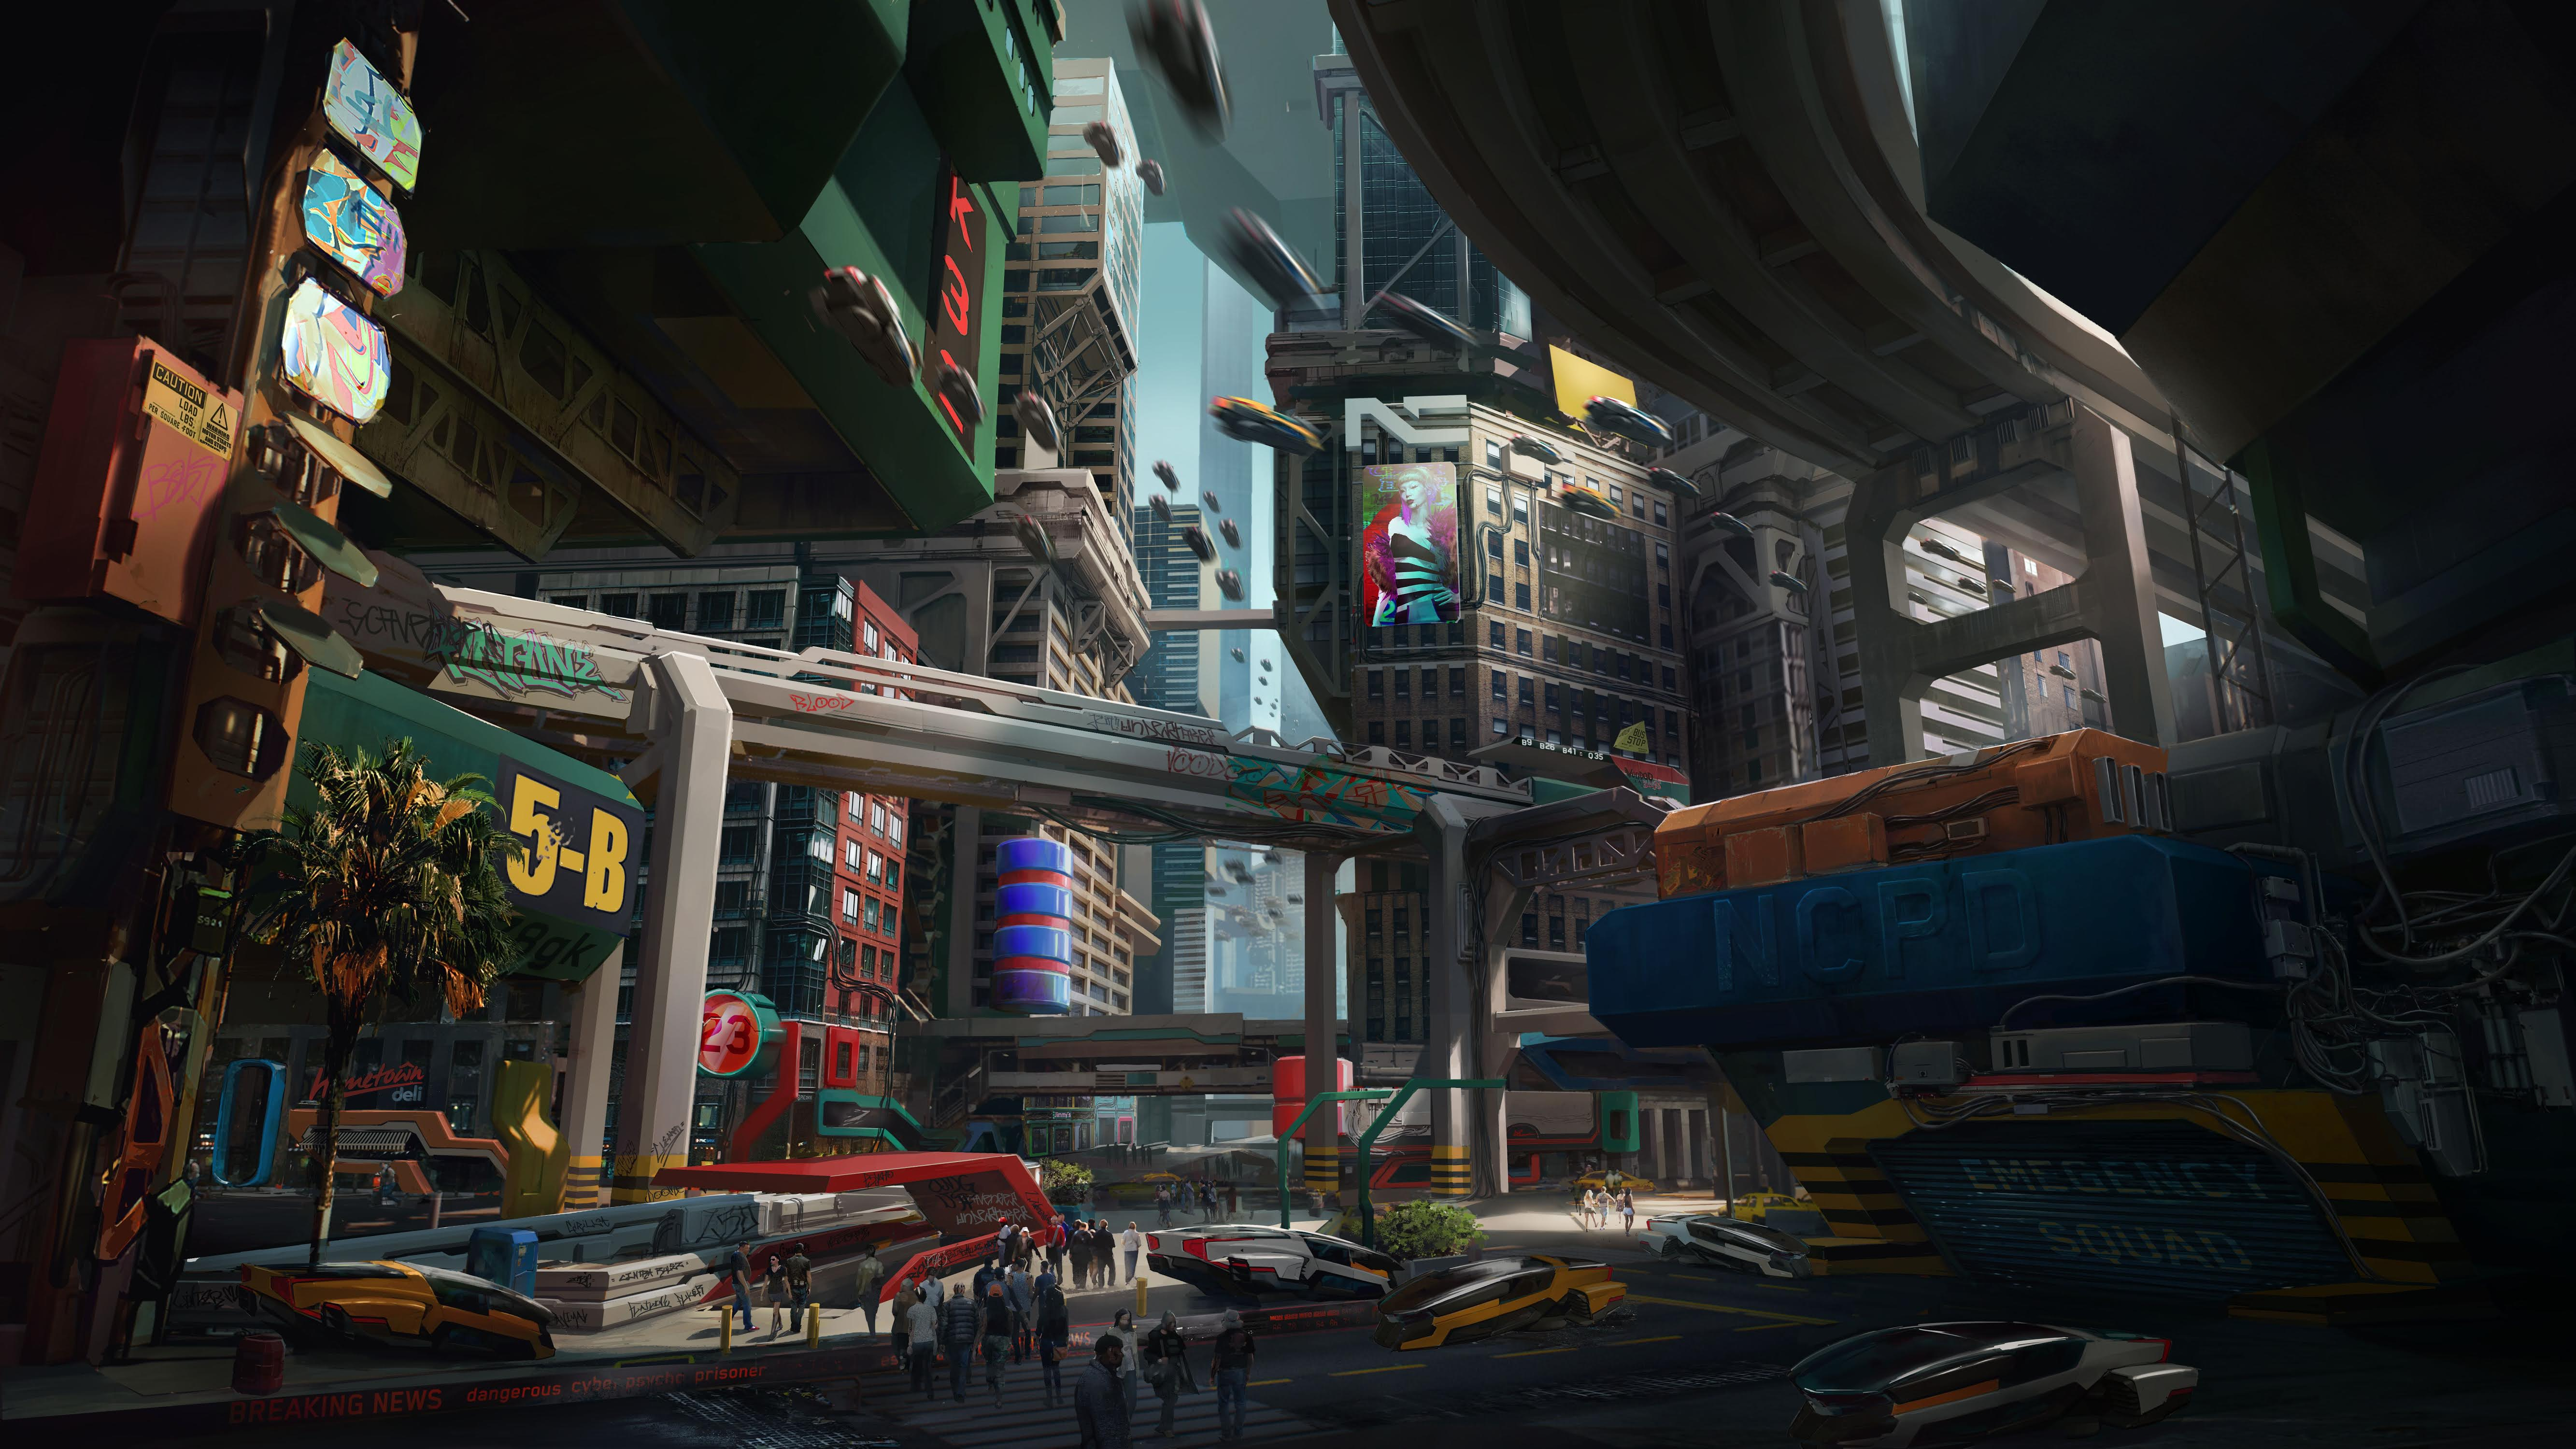 Из Cyberpunk 2077 вырезали ещё одну особенность — бег по стенам. Её демонстрировали в 2018 году